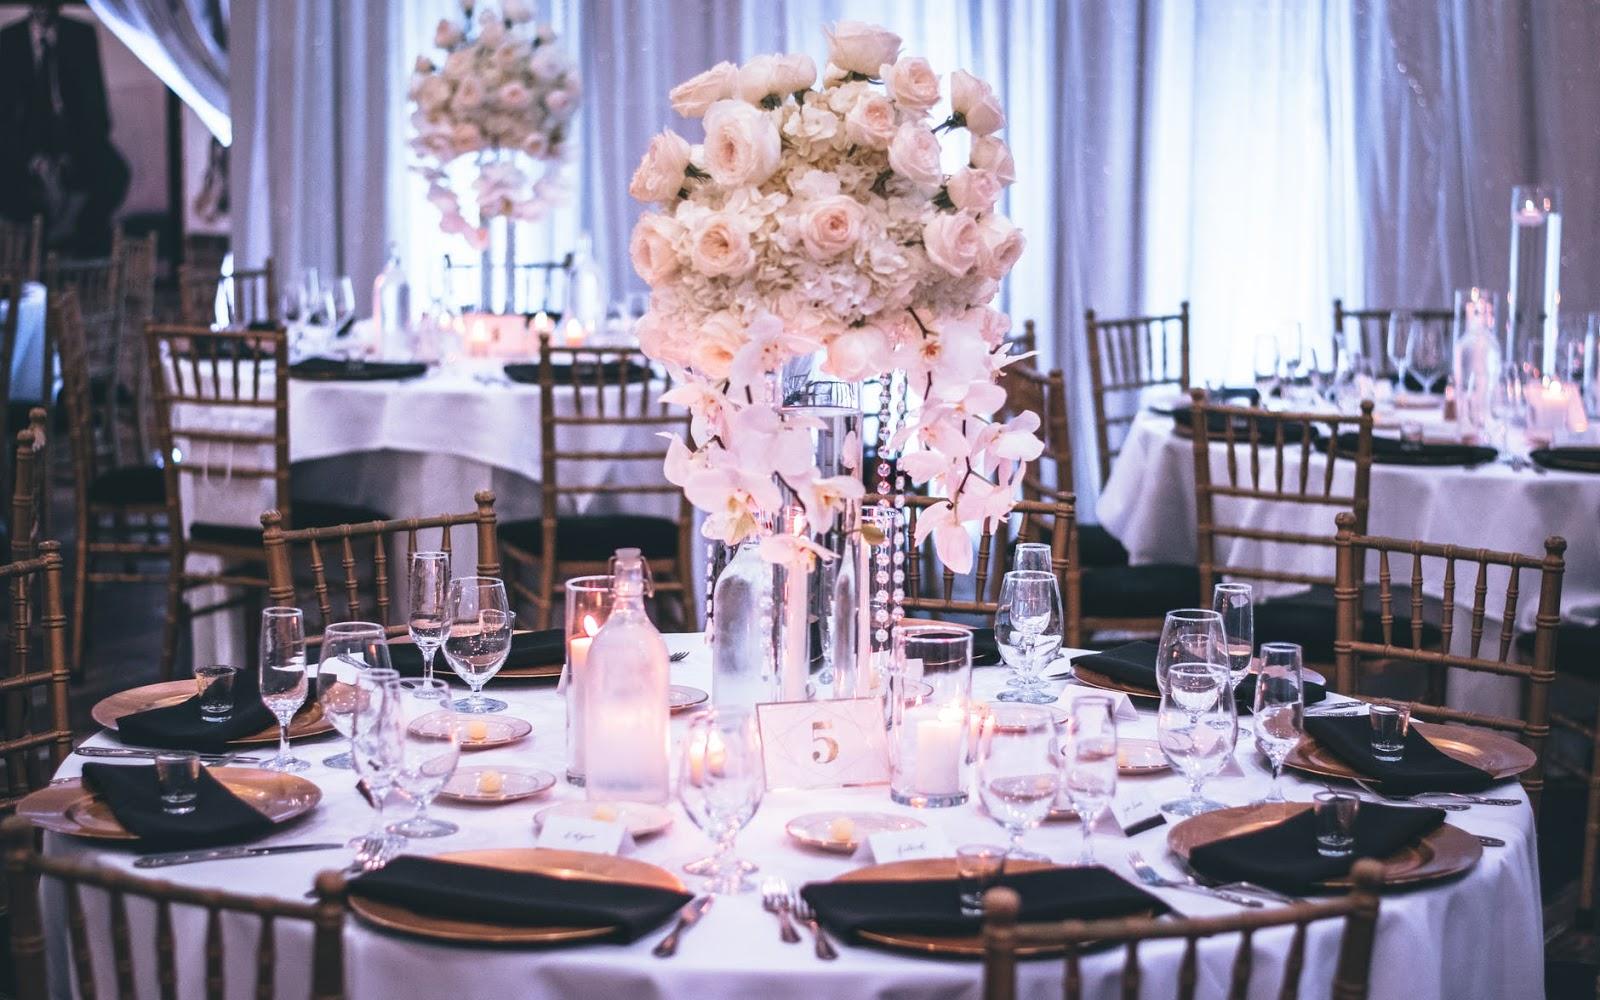 jaki alkohol na wesele ile kupić wódki wina, piwa,  na wesele ozdobne przywieszki i etykiety na wódkę tanio ładne pozłacane grawerowane z imionami z wierszykiem na wstążce sznurku rustykalne glamour